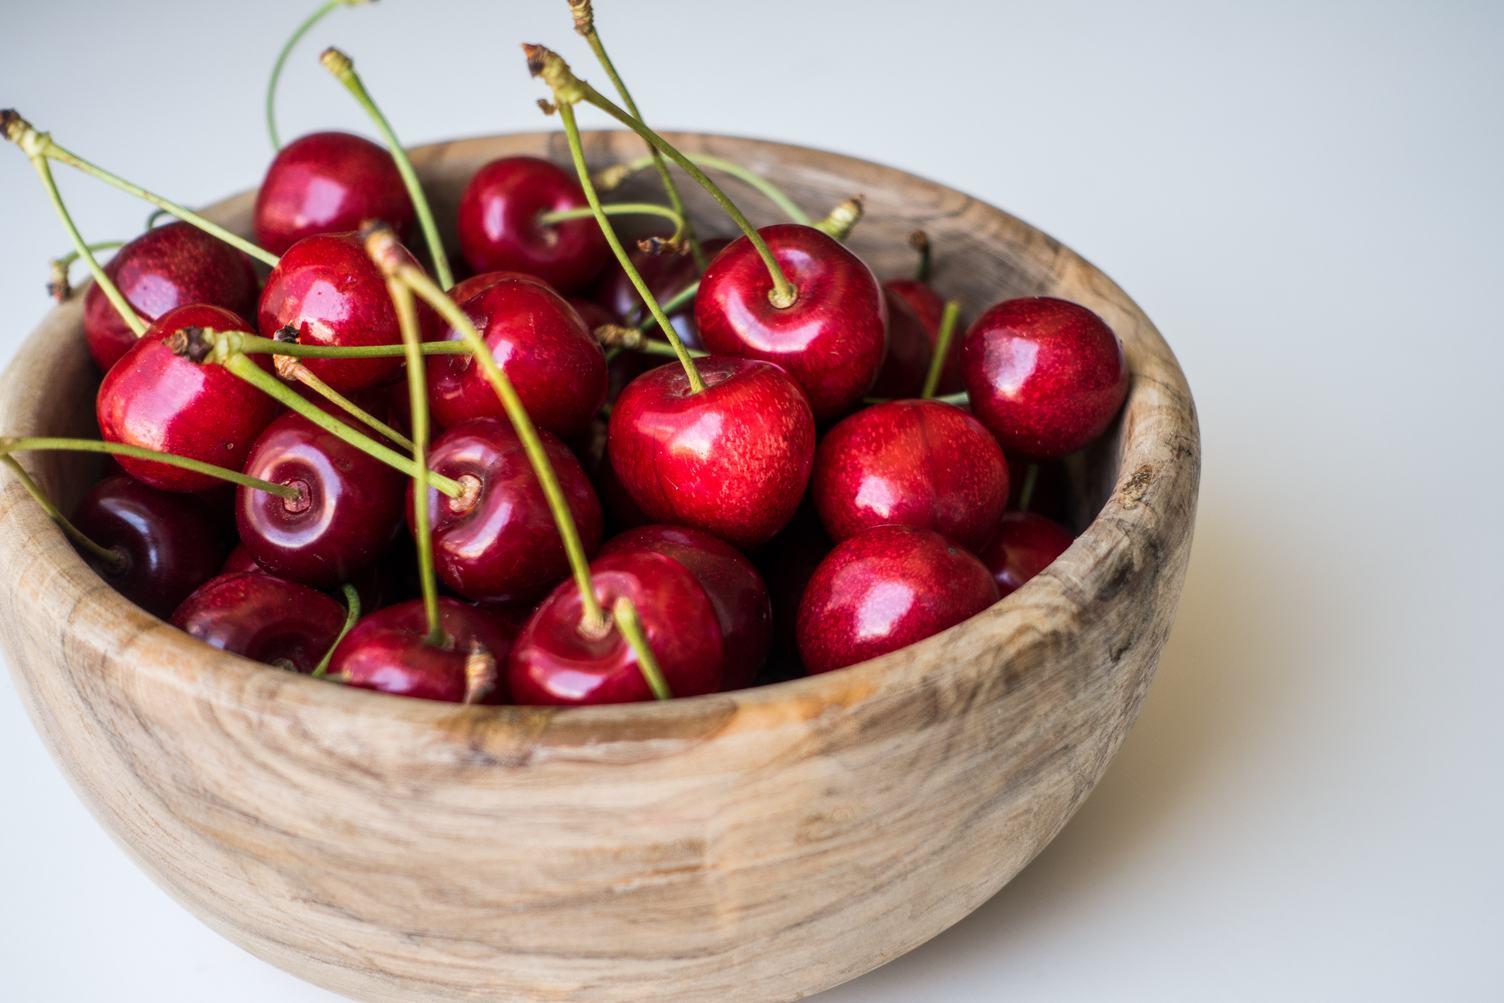 Wooden Bowl full of Fresh Cherries